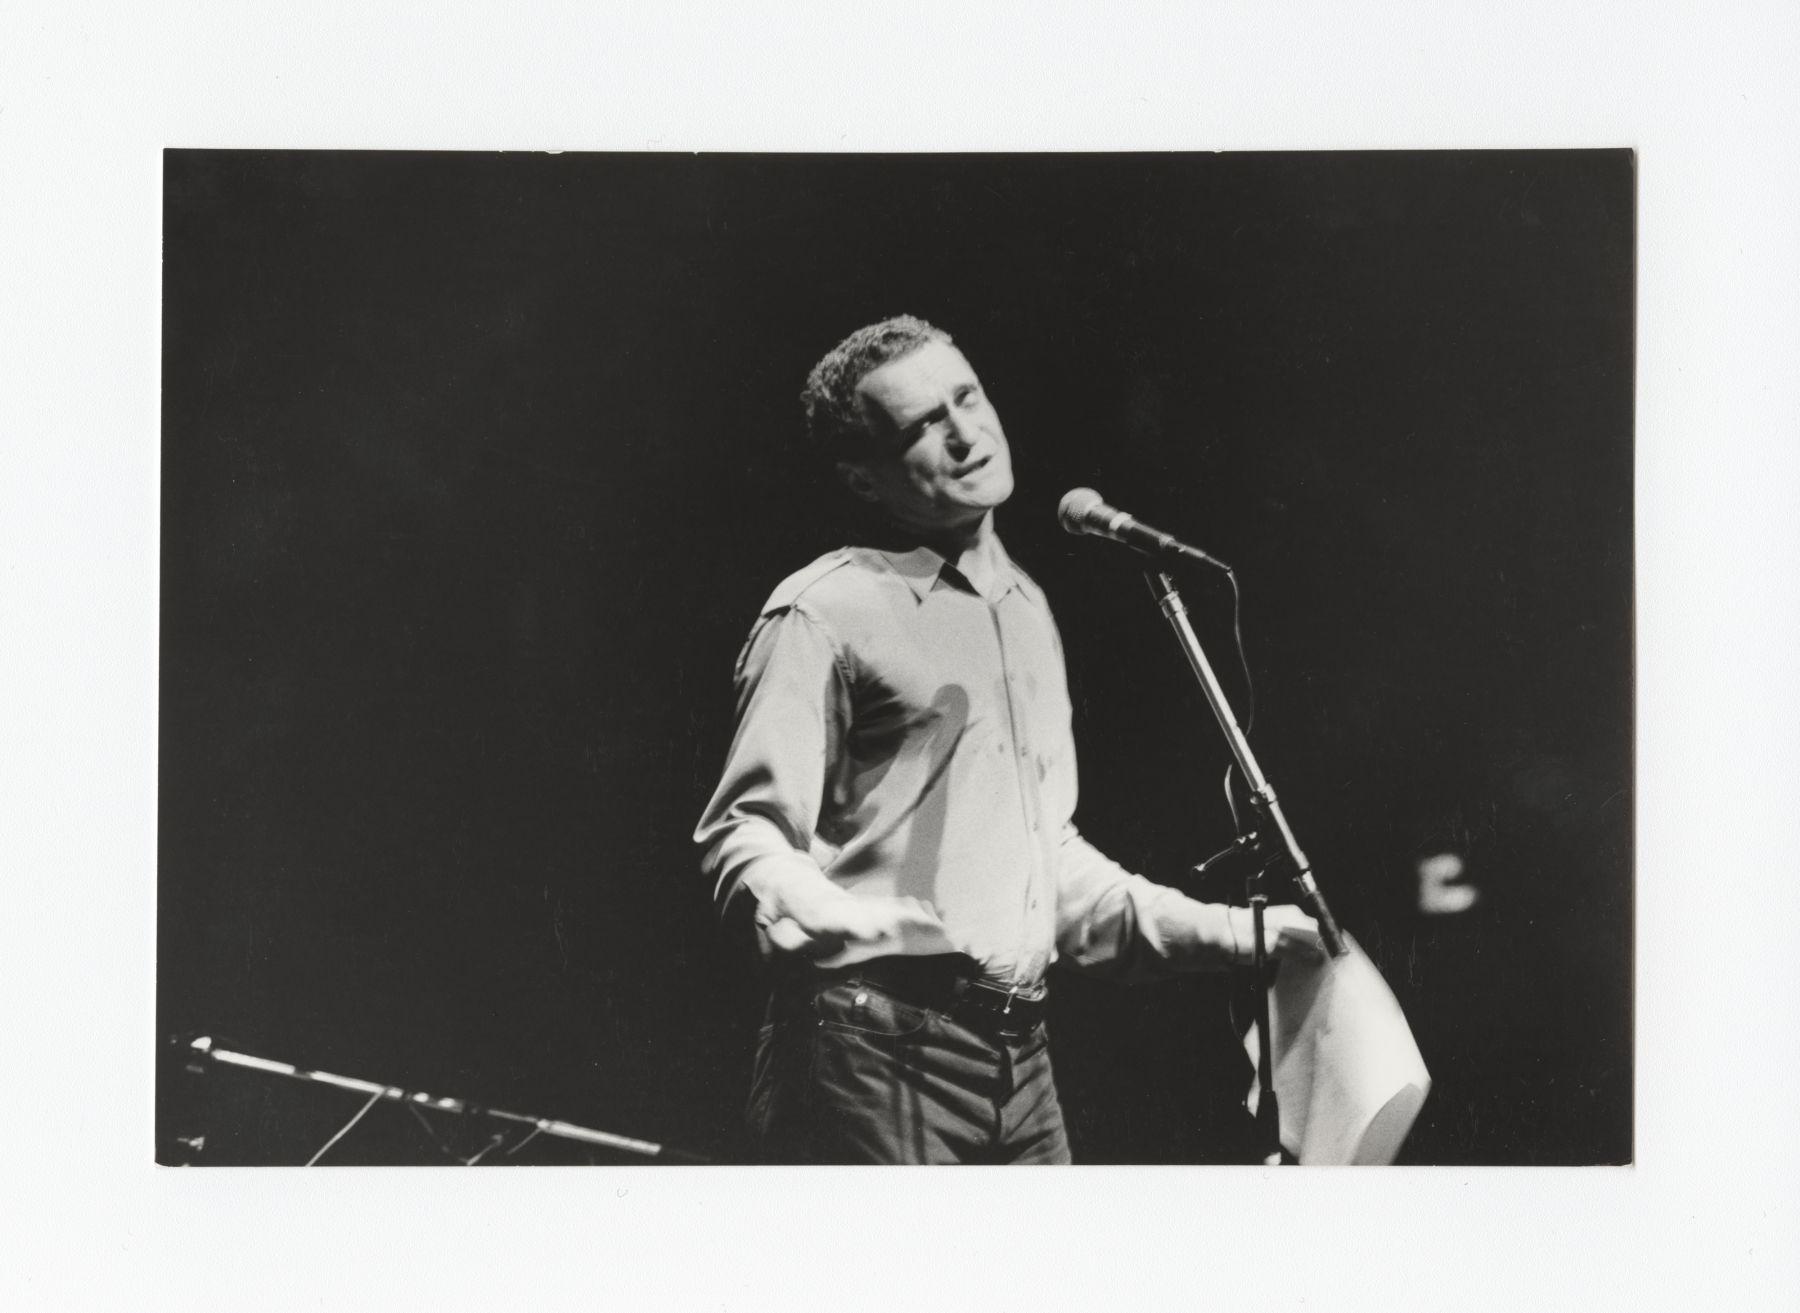 John Giorno performing at Centre Pompidou in Paris, June 10 1983